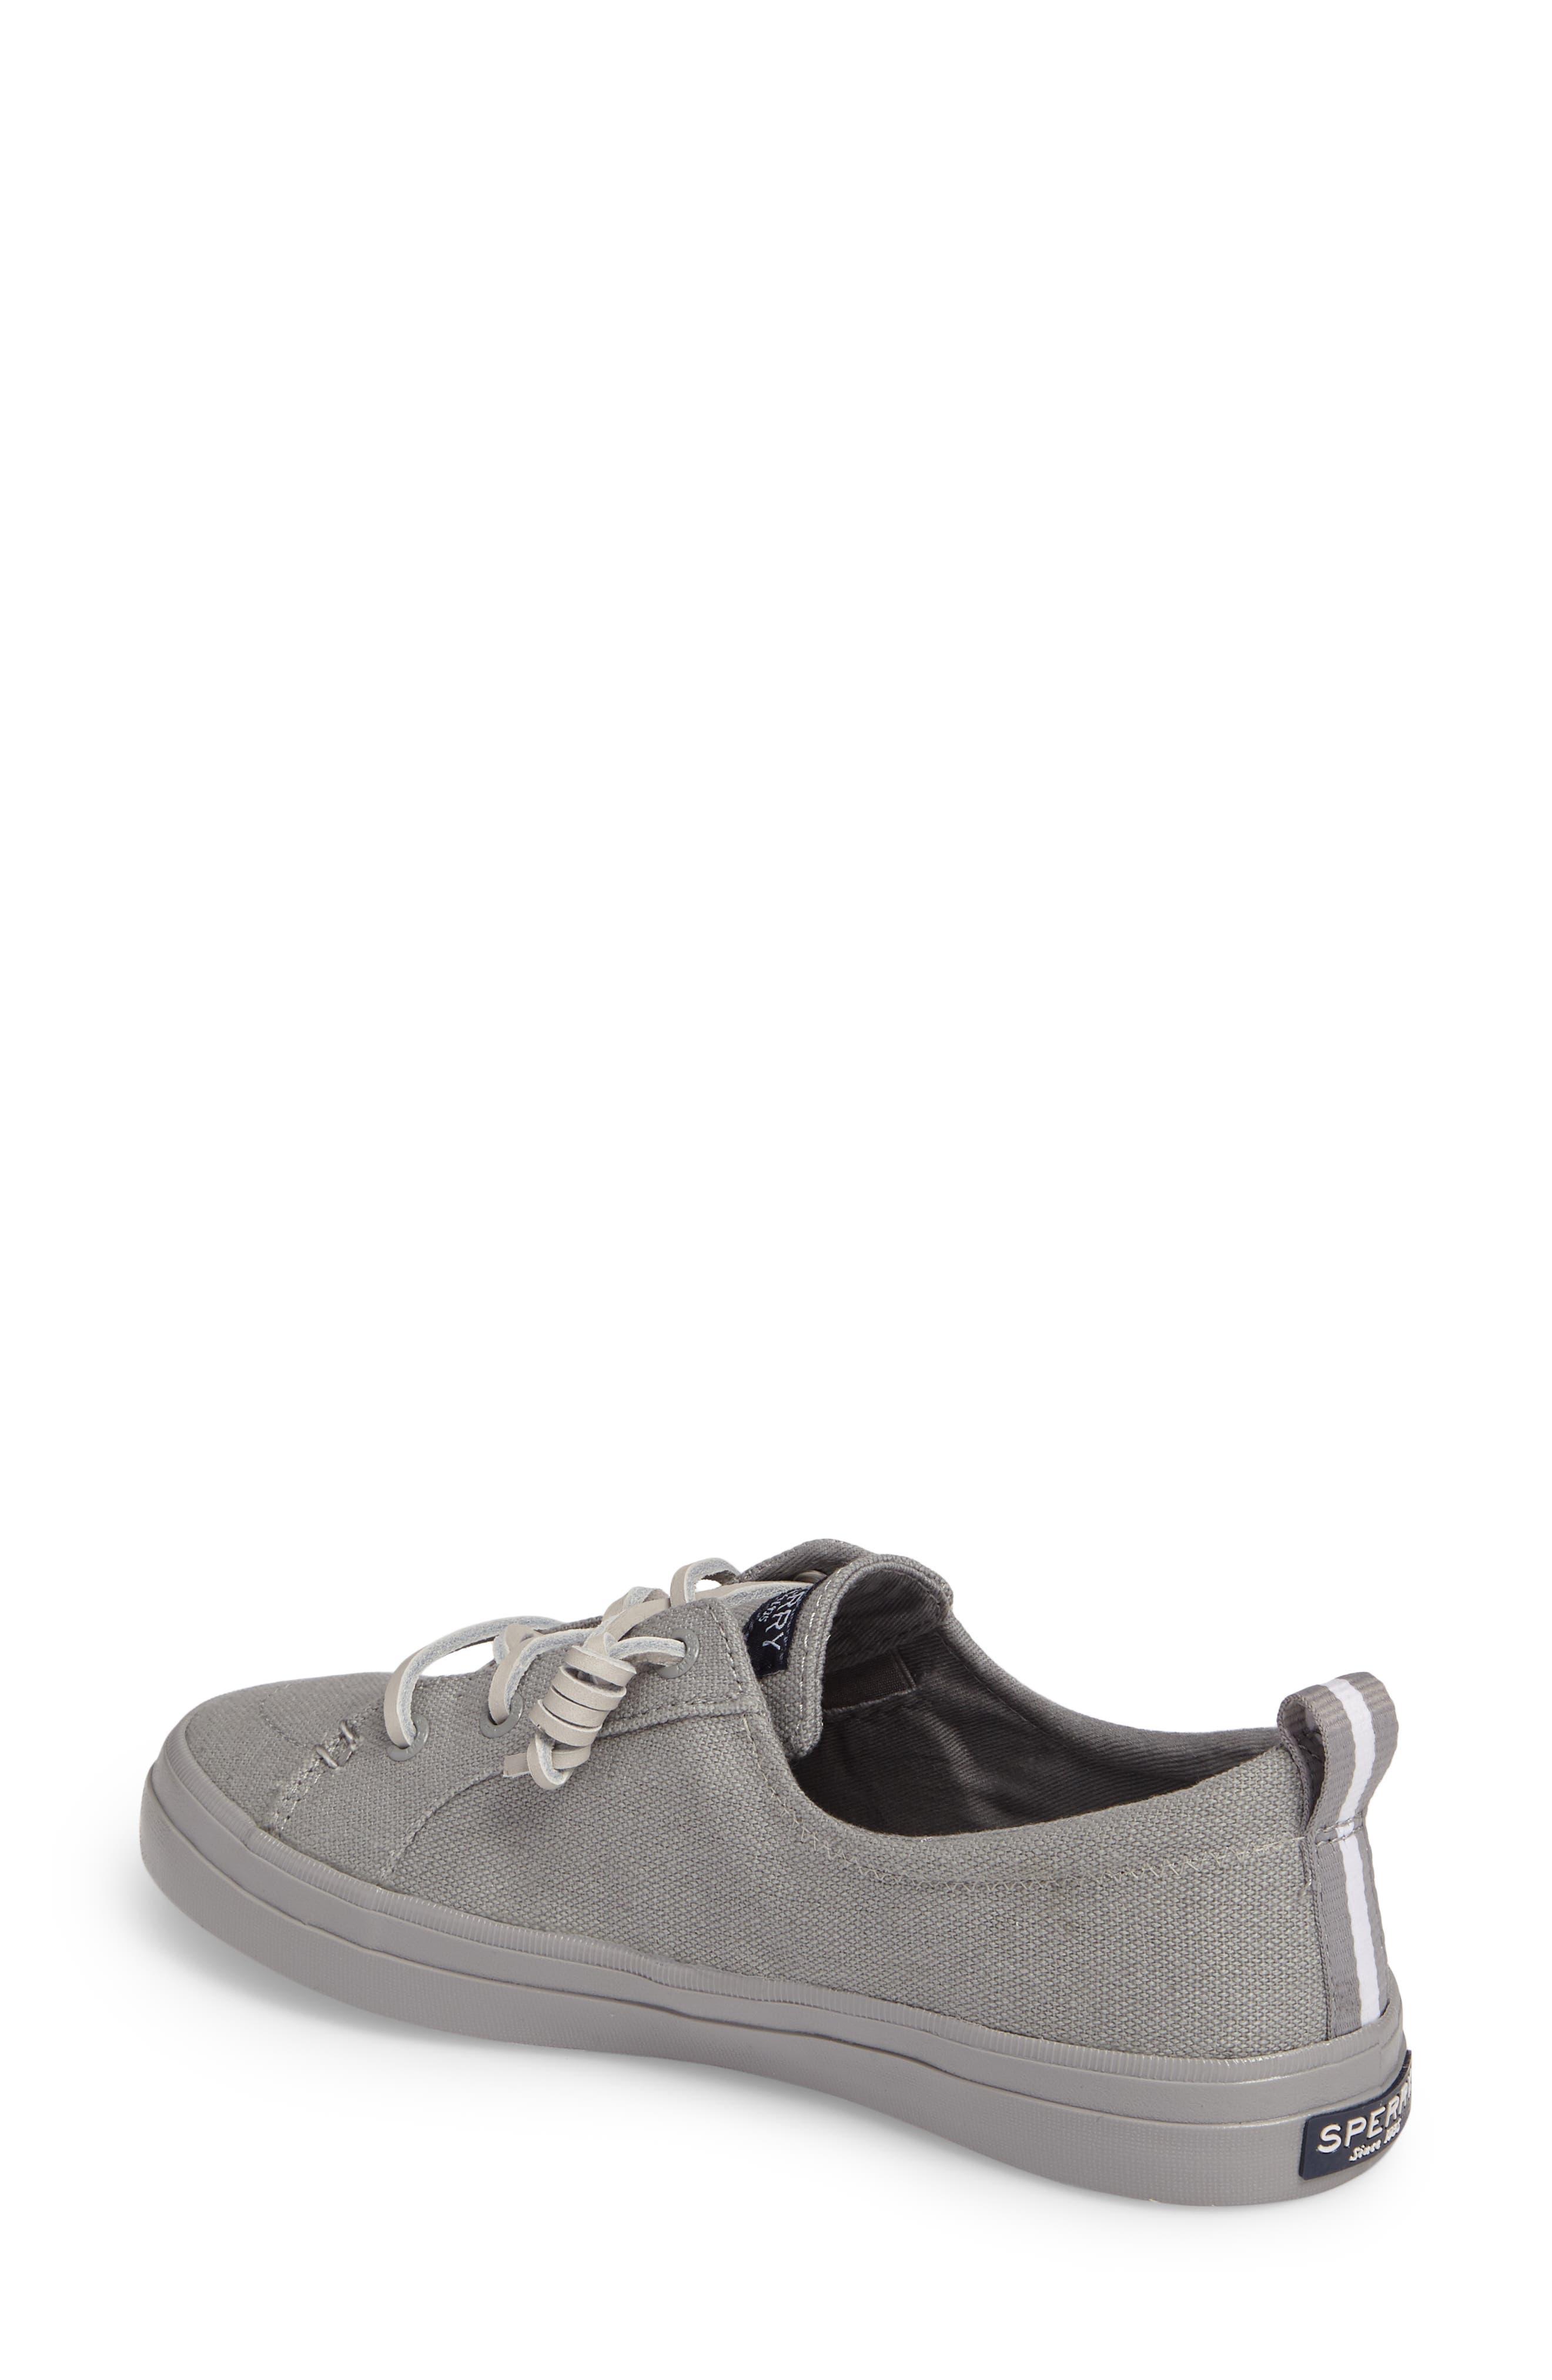 Alternate Image 2  - Sperry Crest Vibe Sneaker (Women)